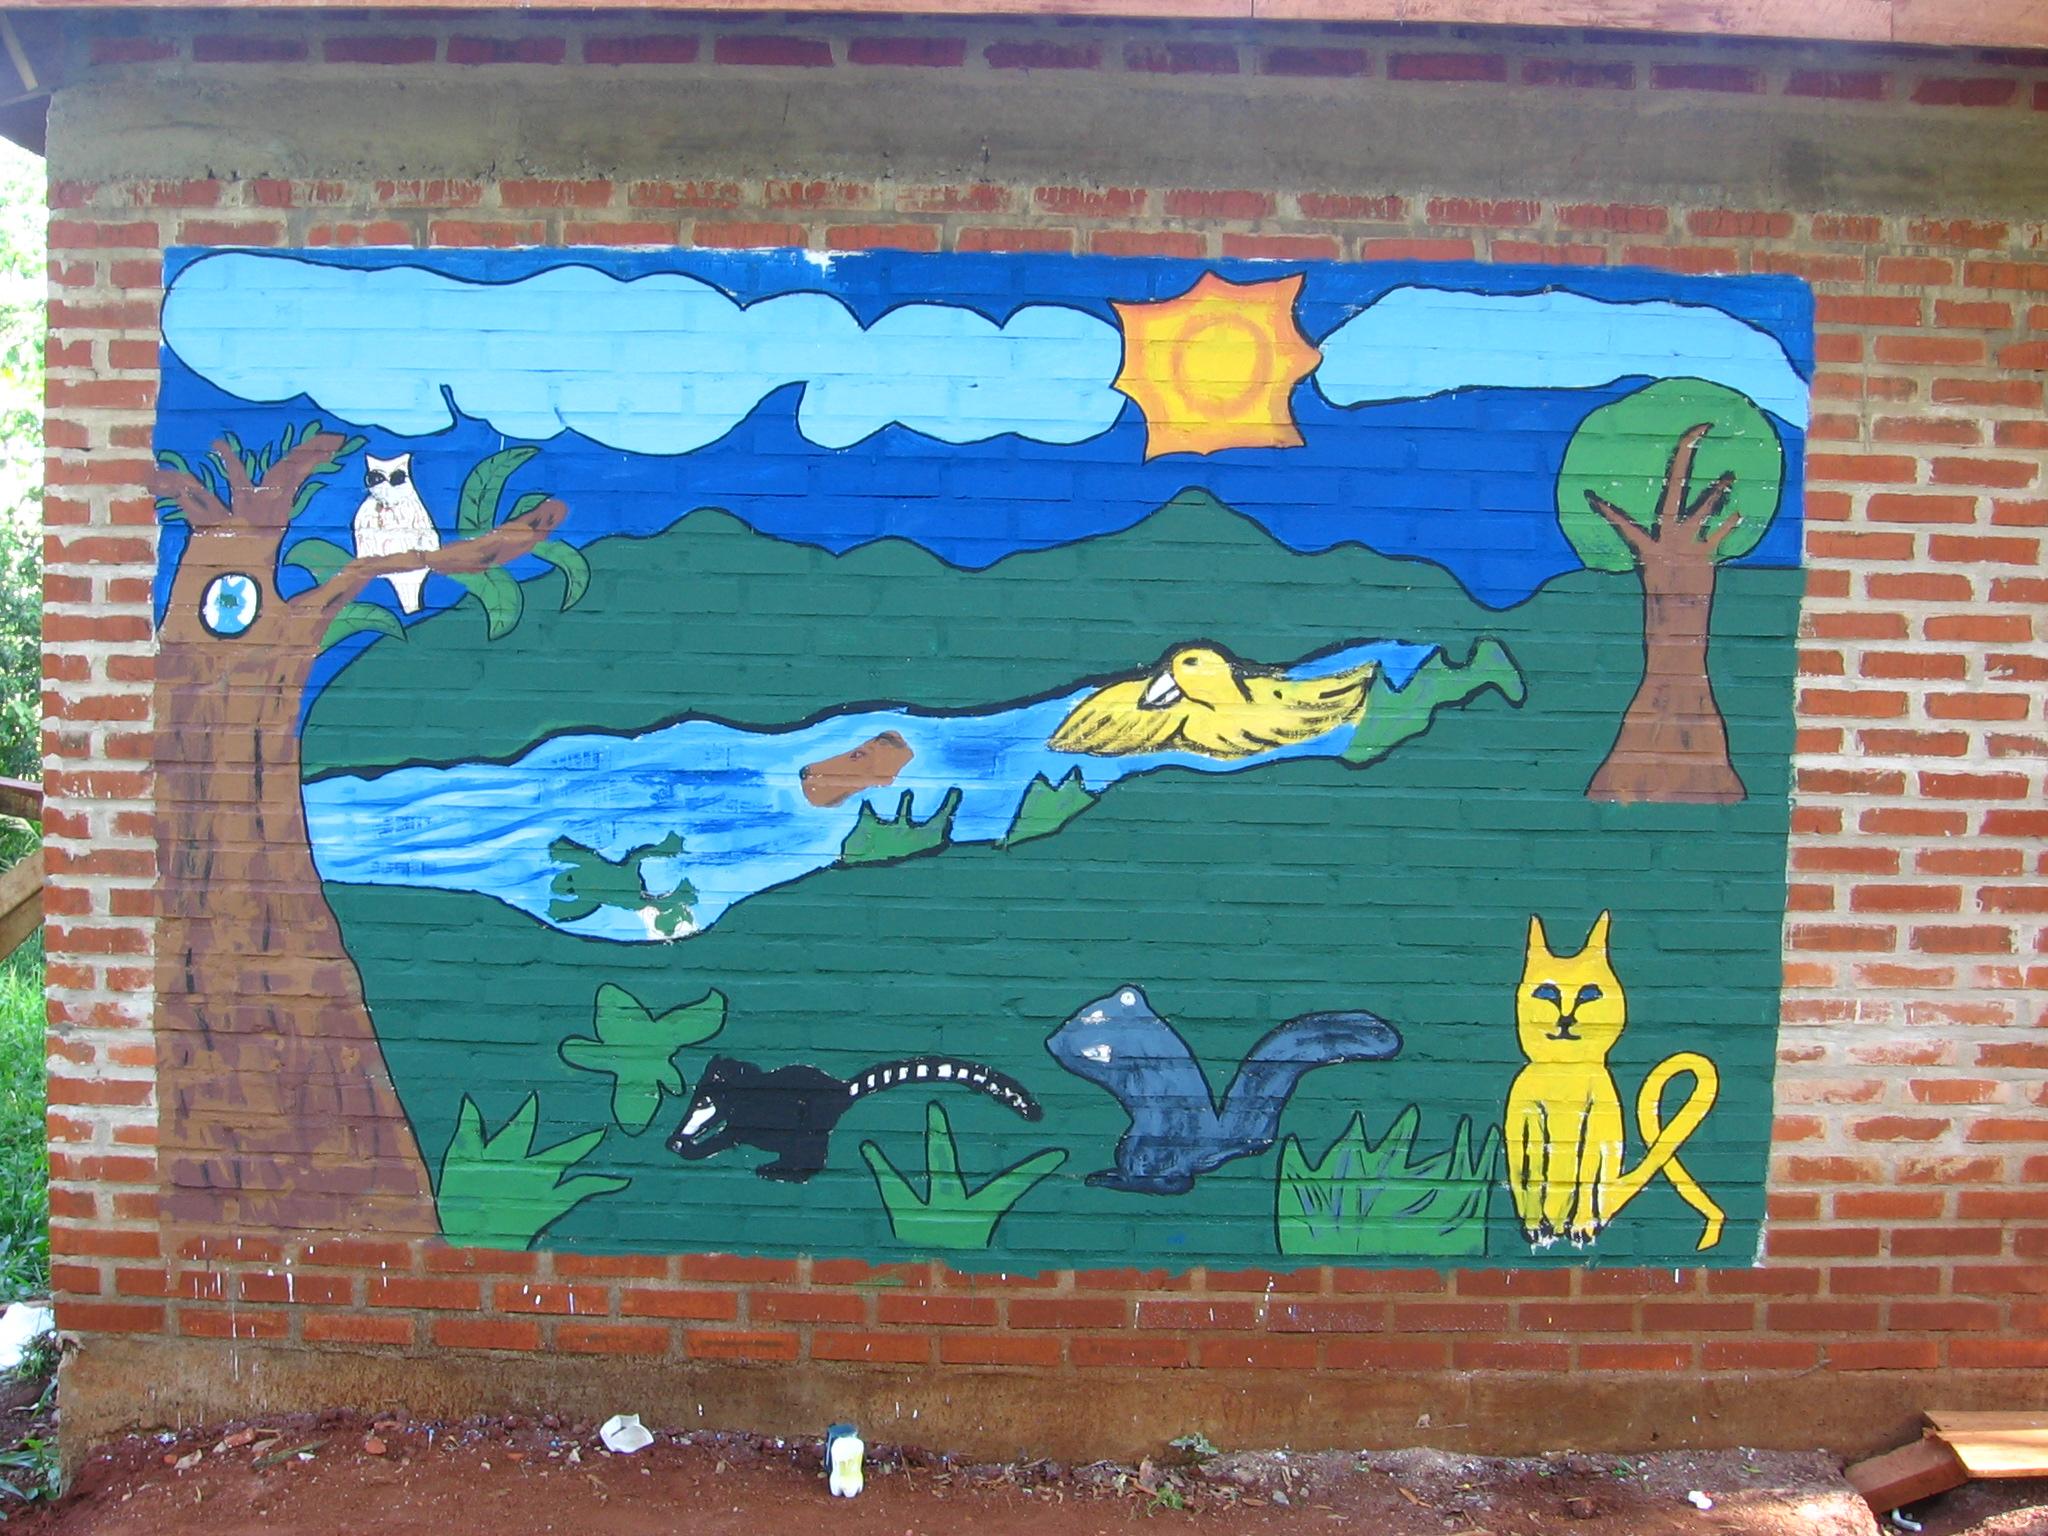 El mural en la pared de la escuela